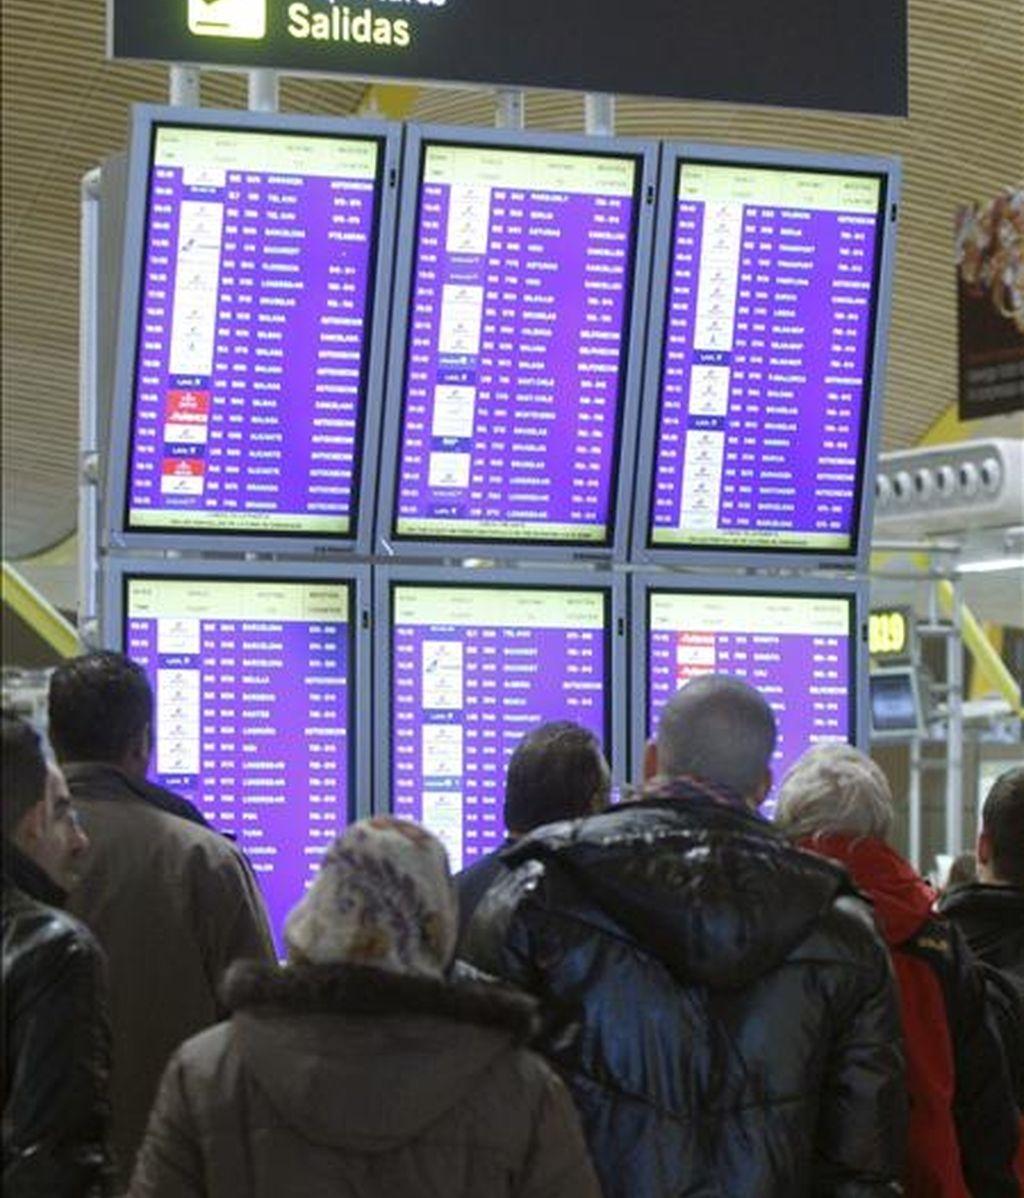 En la imagen, numerosos pasajeros esperan en el aeropuerto de Barajas la salida de sus aviones. EFE/Archivo